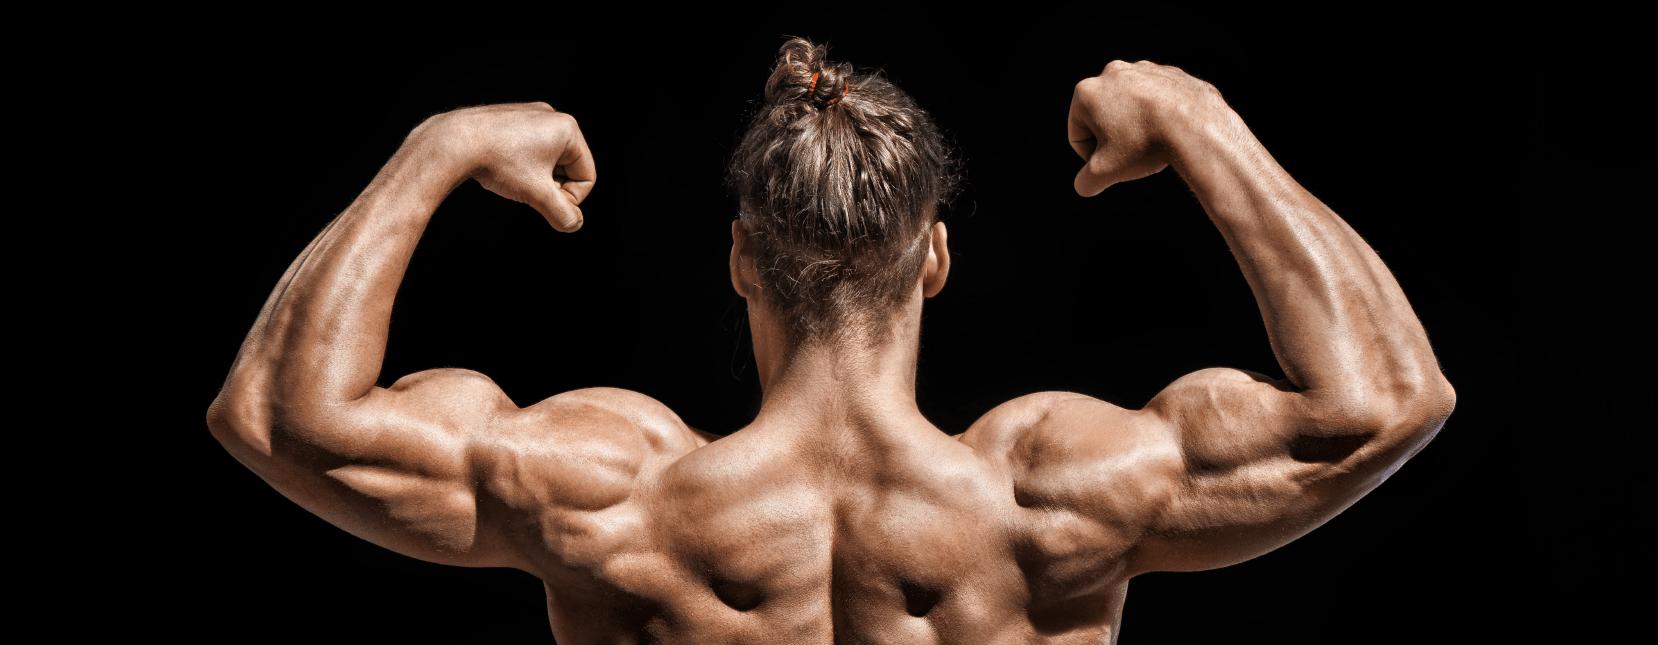 Muskeln frauen wieviel bei Knochenmasse, was